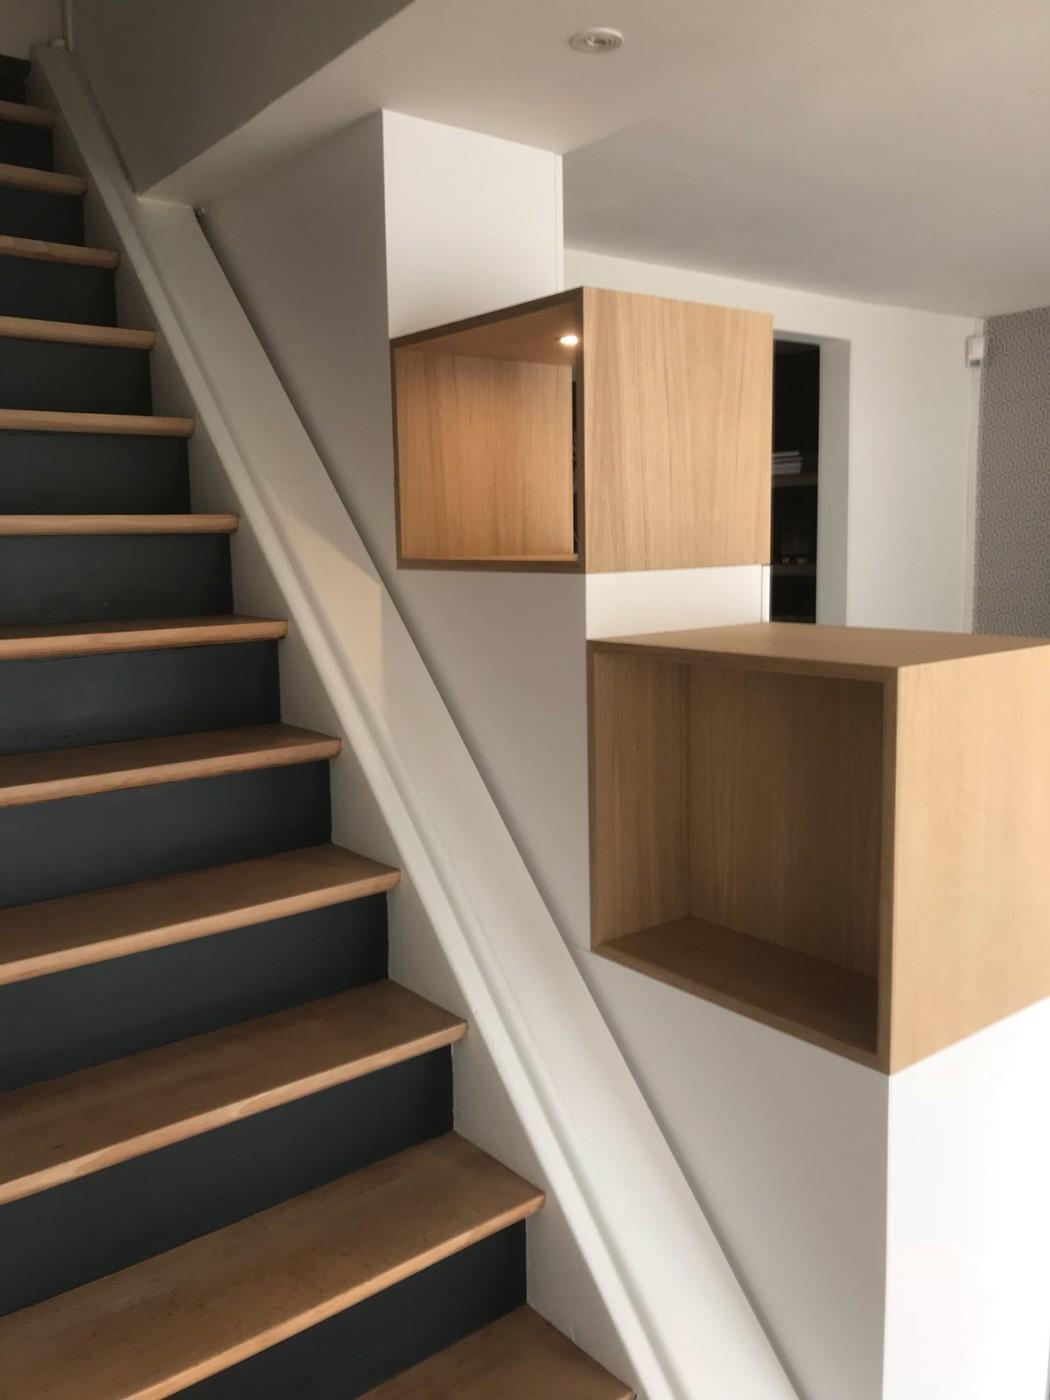 Meuble escalier pour maison contemporaine - mt-design